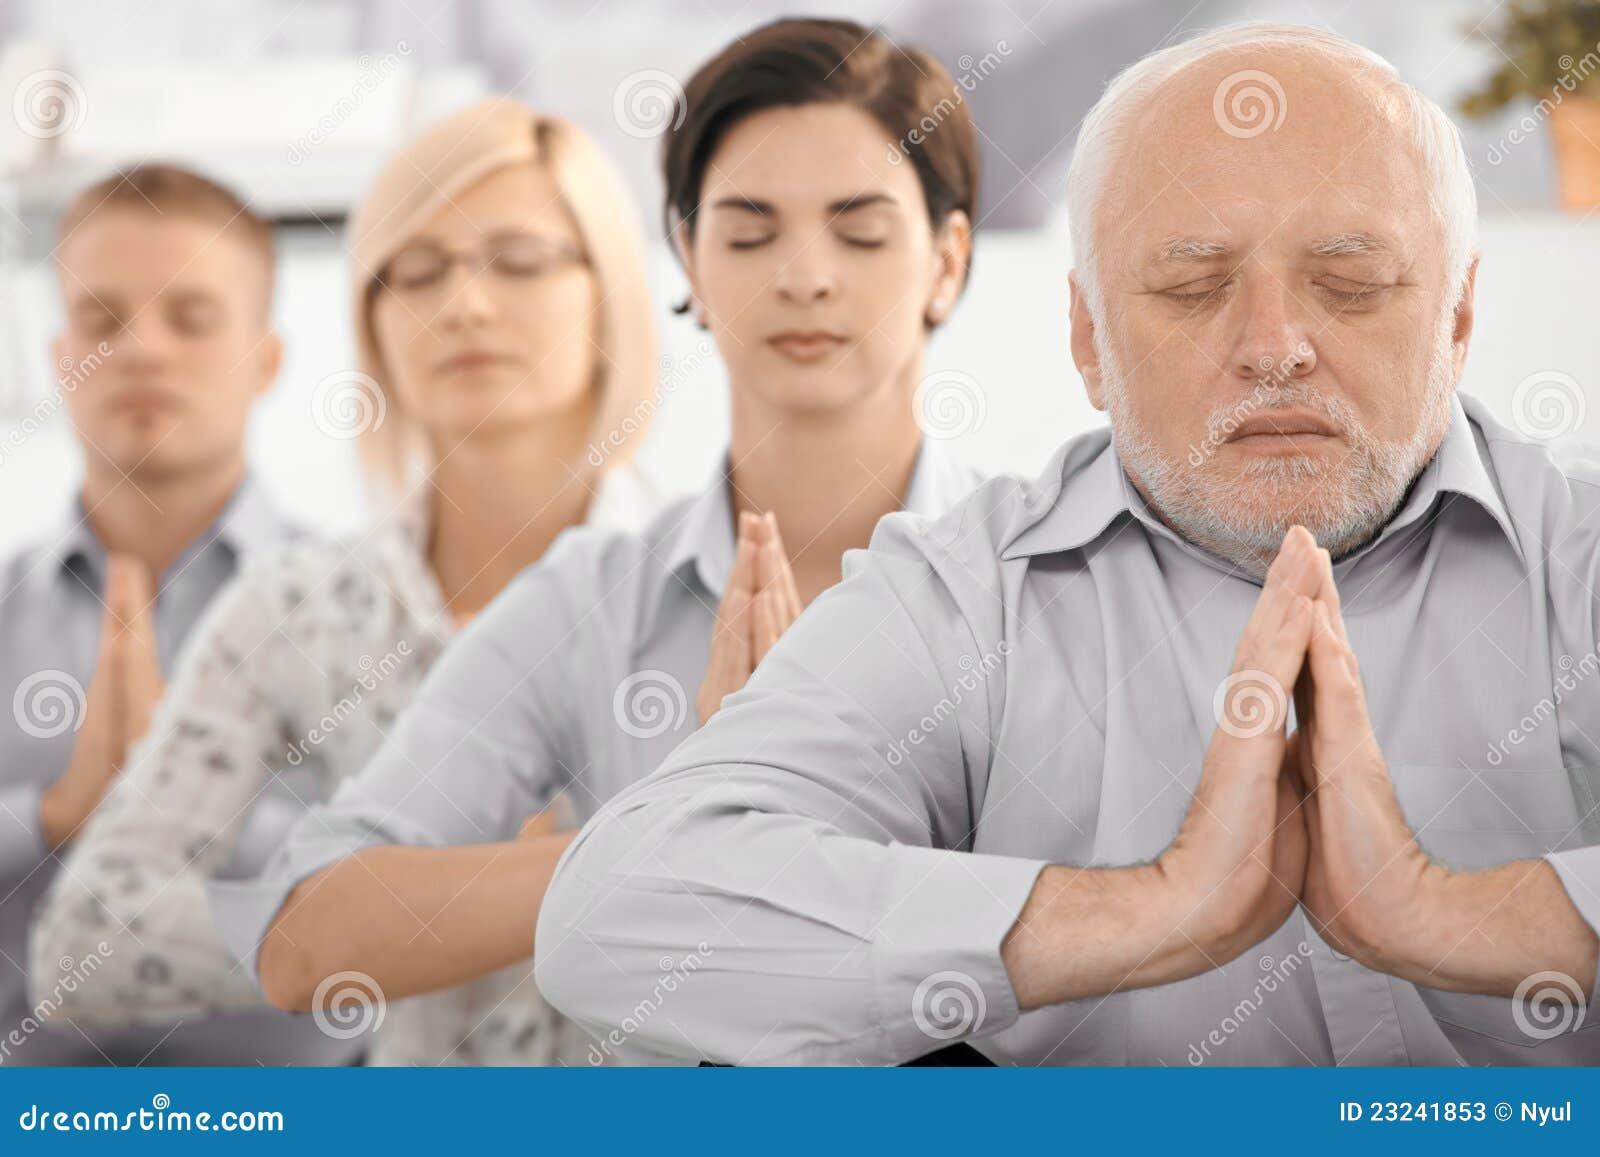 Meditating портрет команды